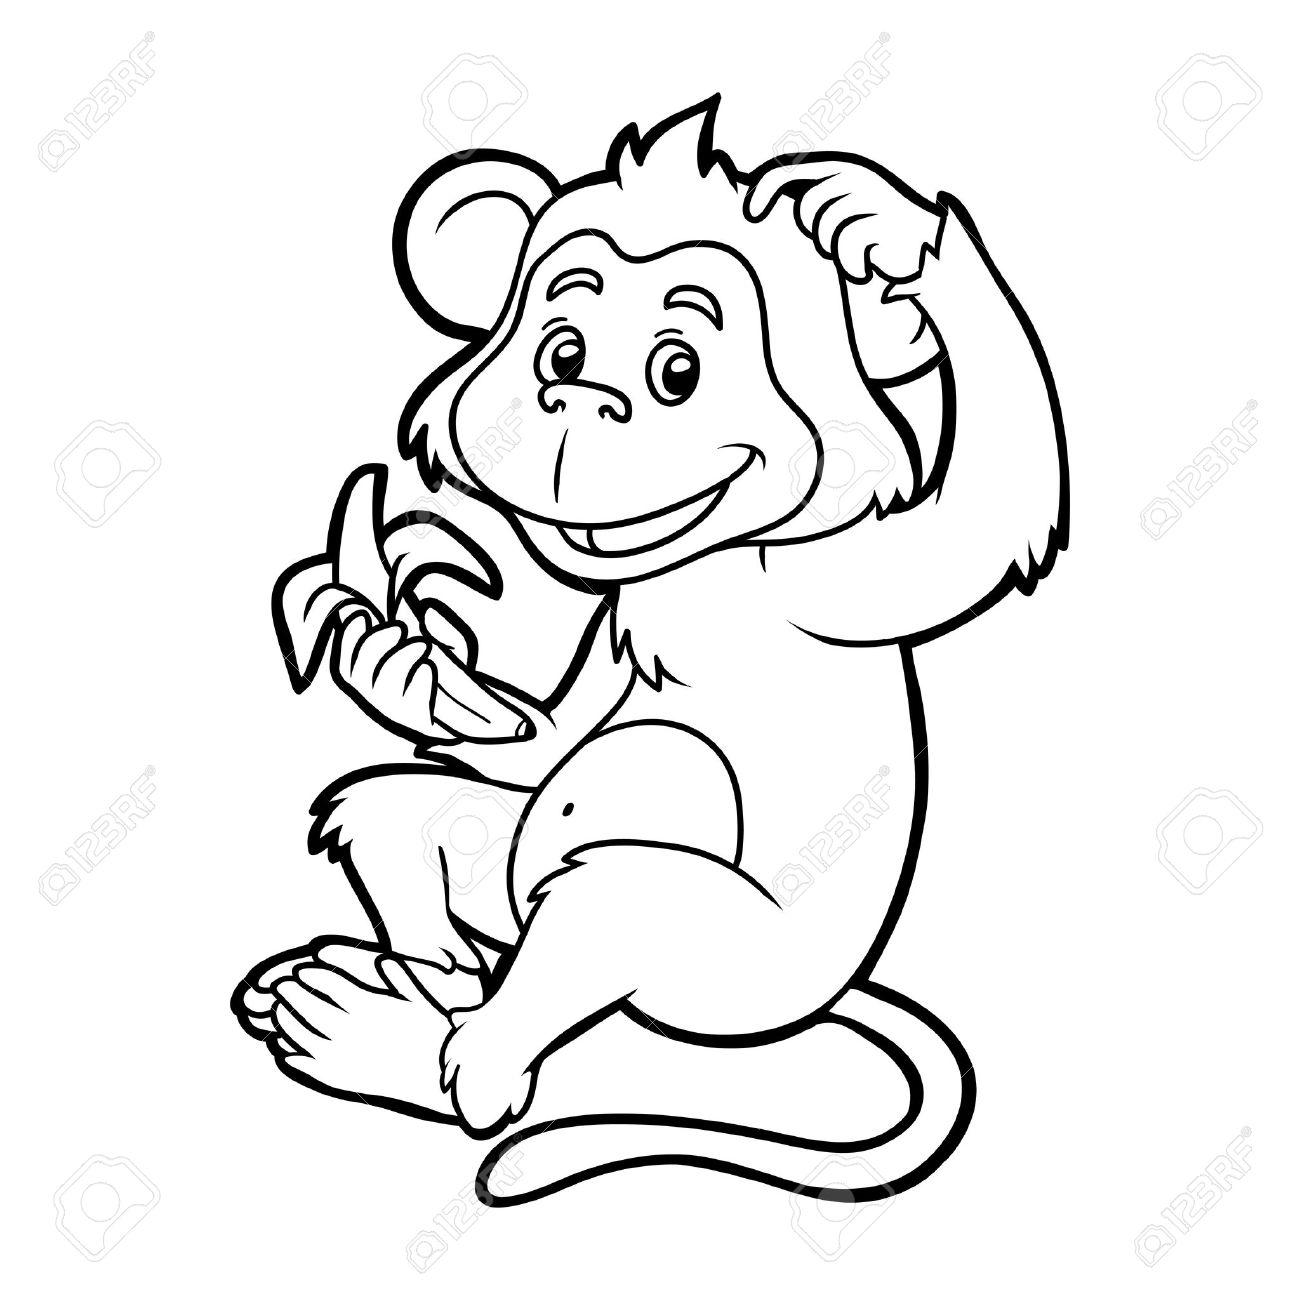 Niedlich Affe Malvorlagen Ideen - Beispielzusammenfassung Ideen ...